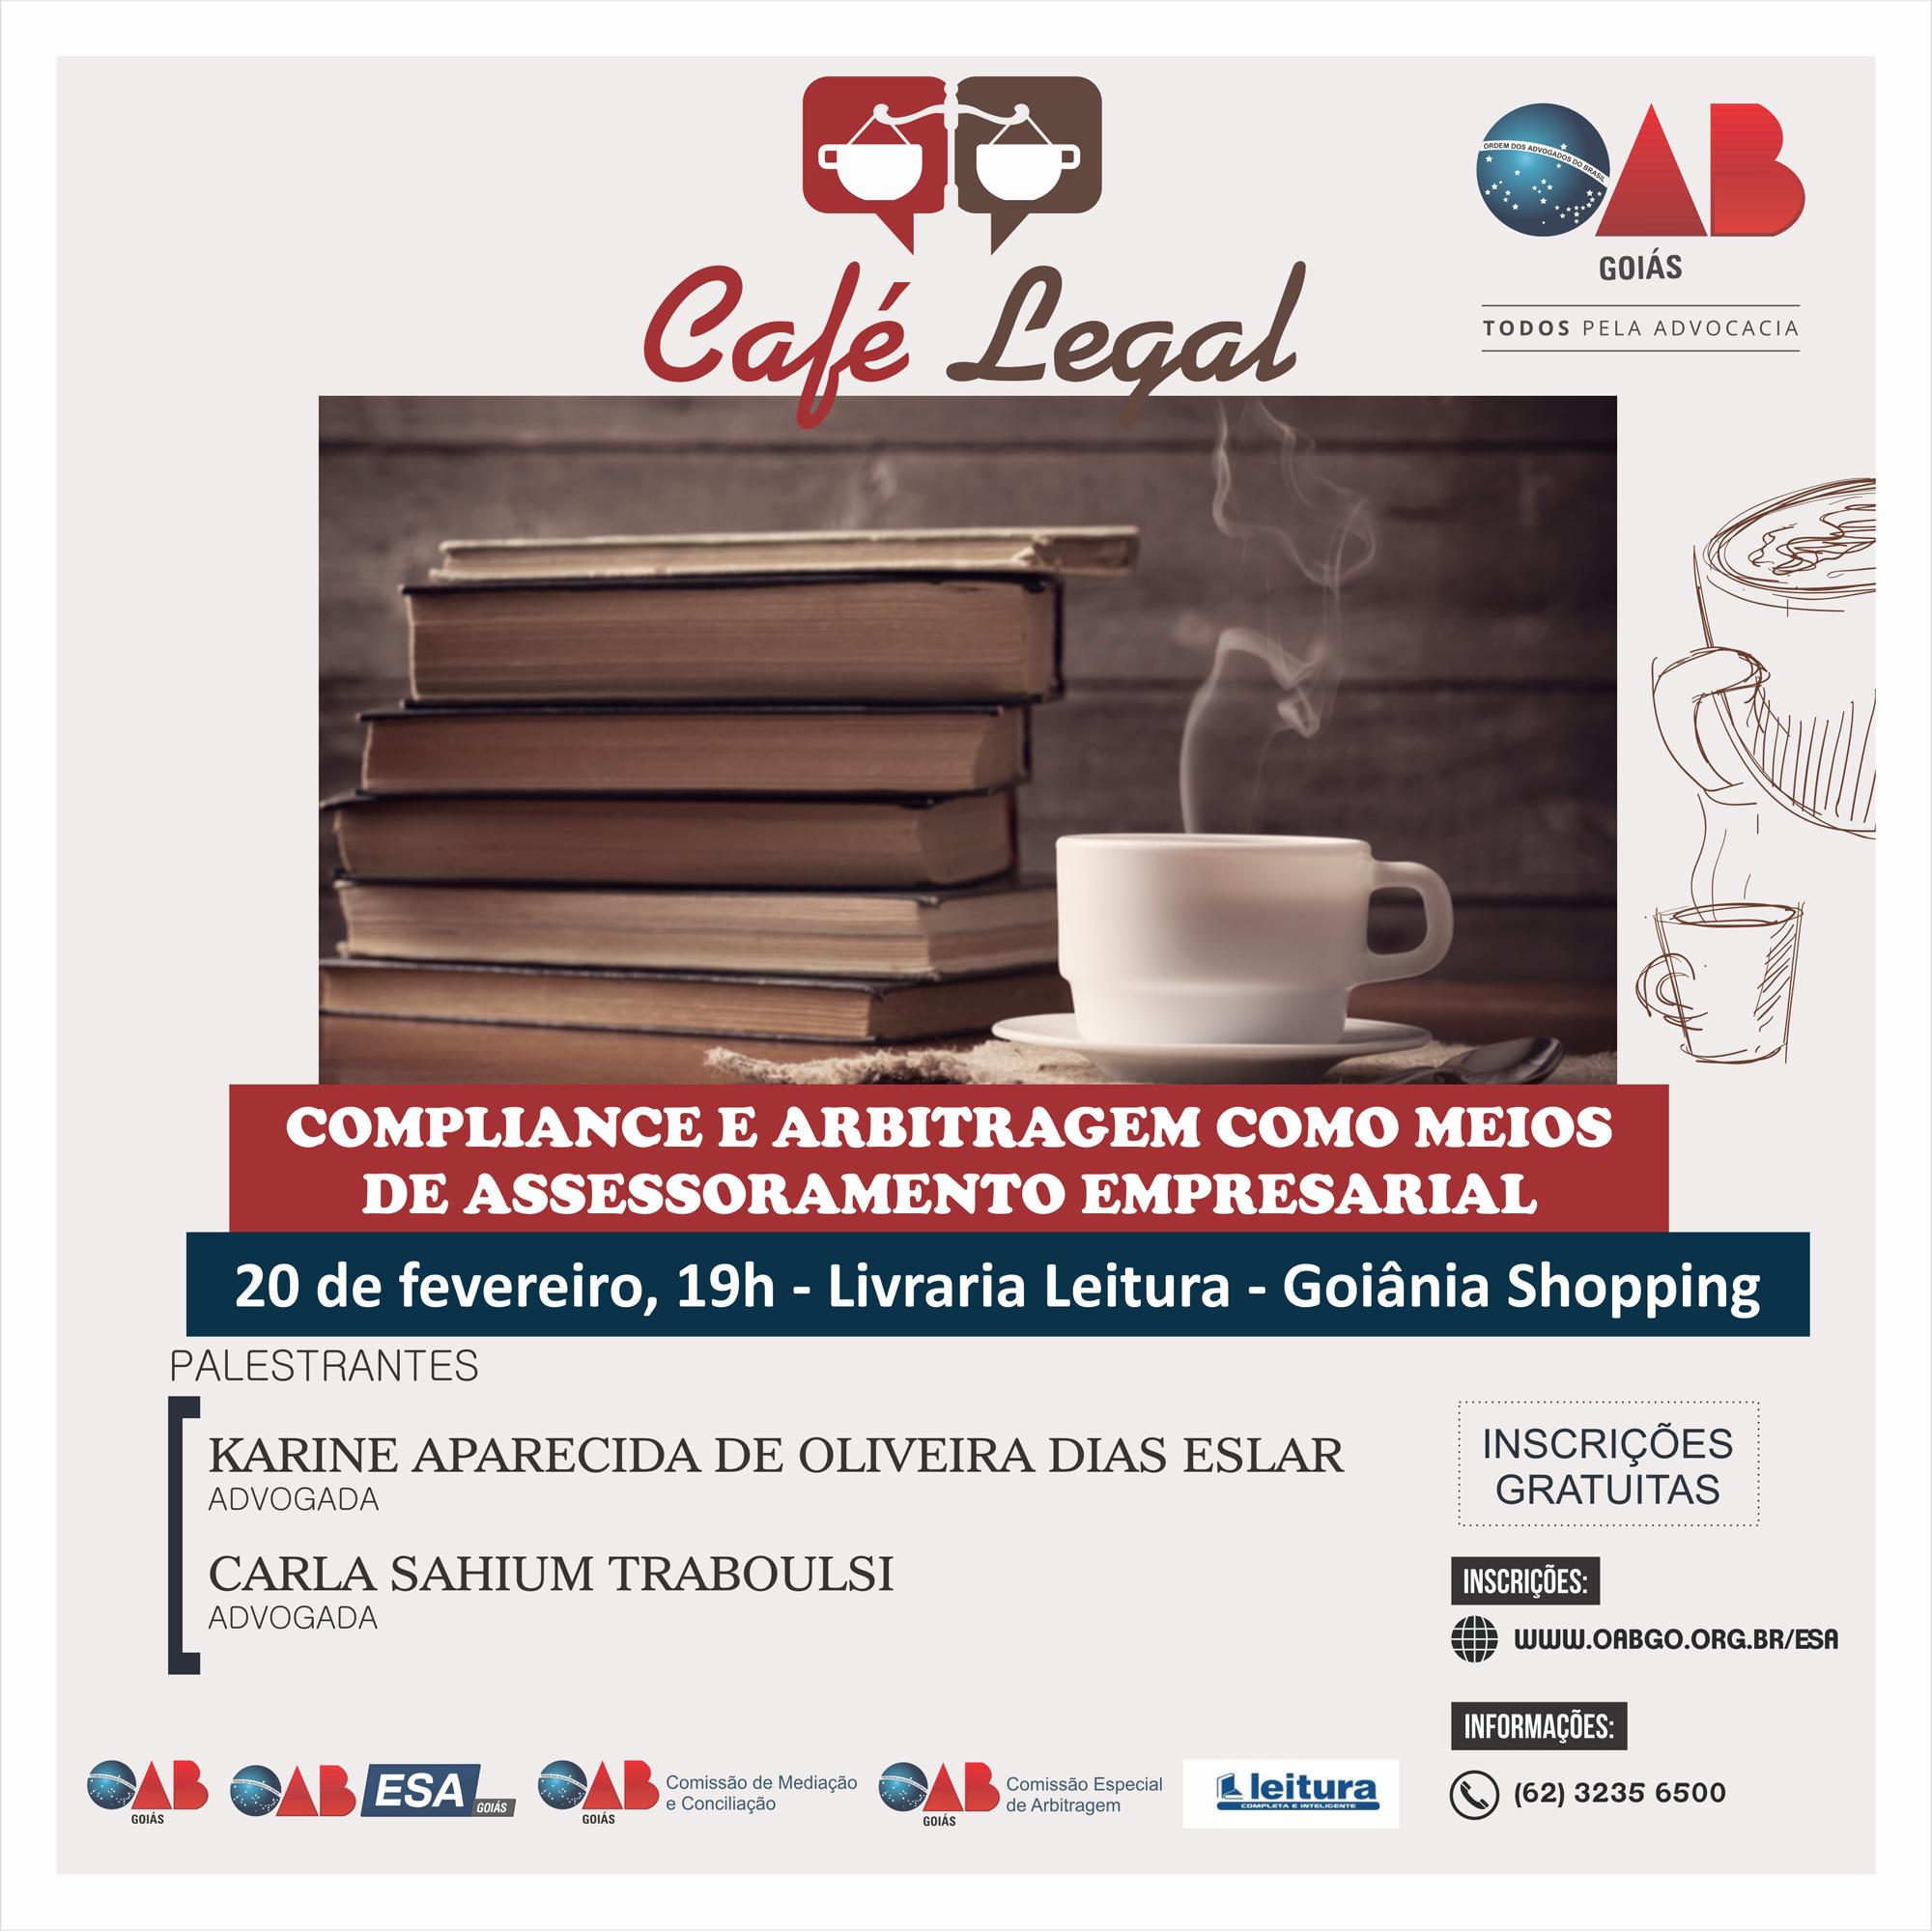 20.02 - Café Legal - Compliance e Arbitragem como meios de Assessoramento Empresarial